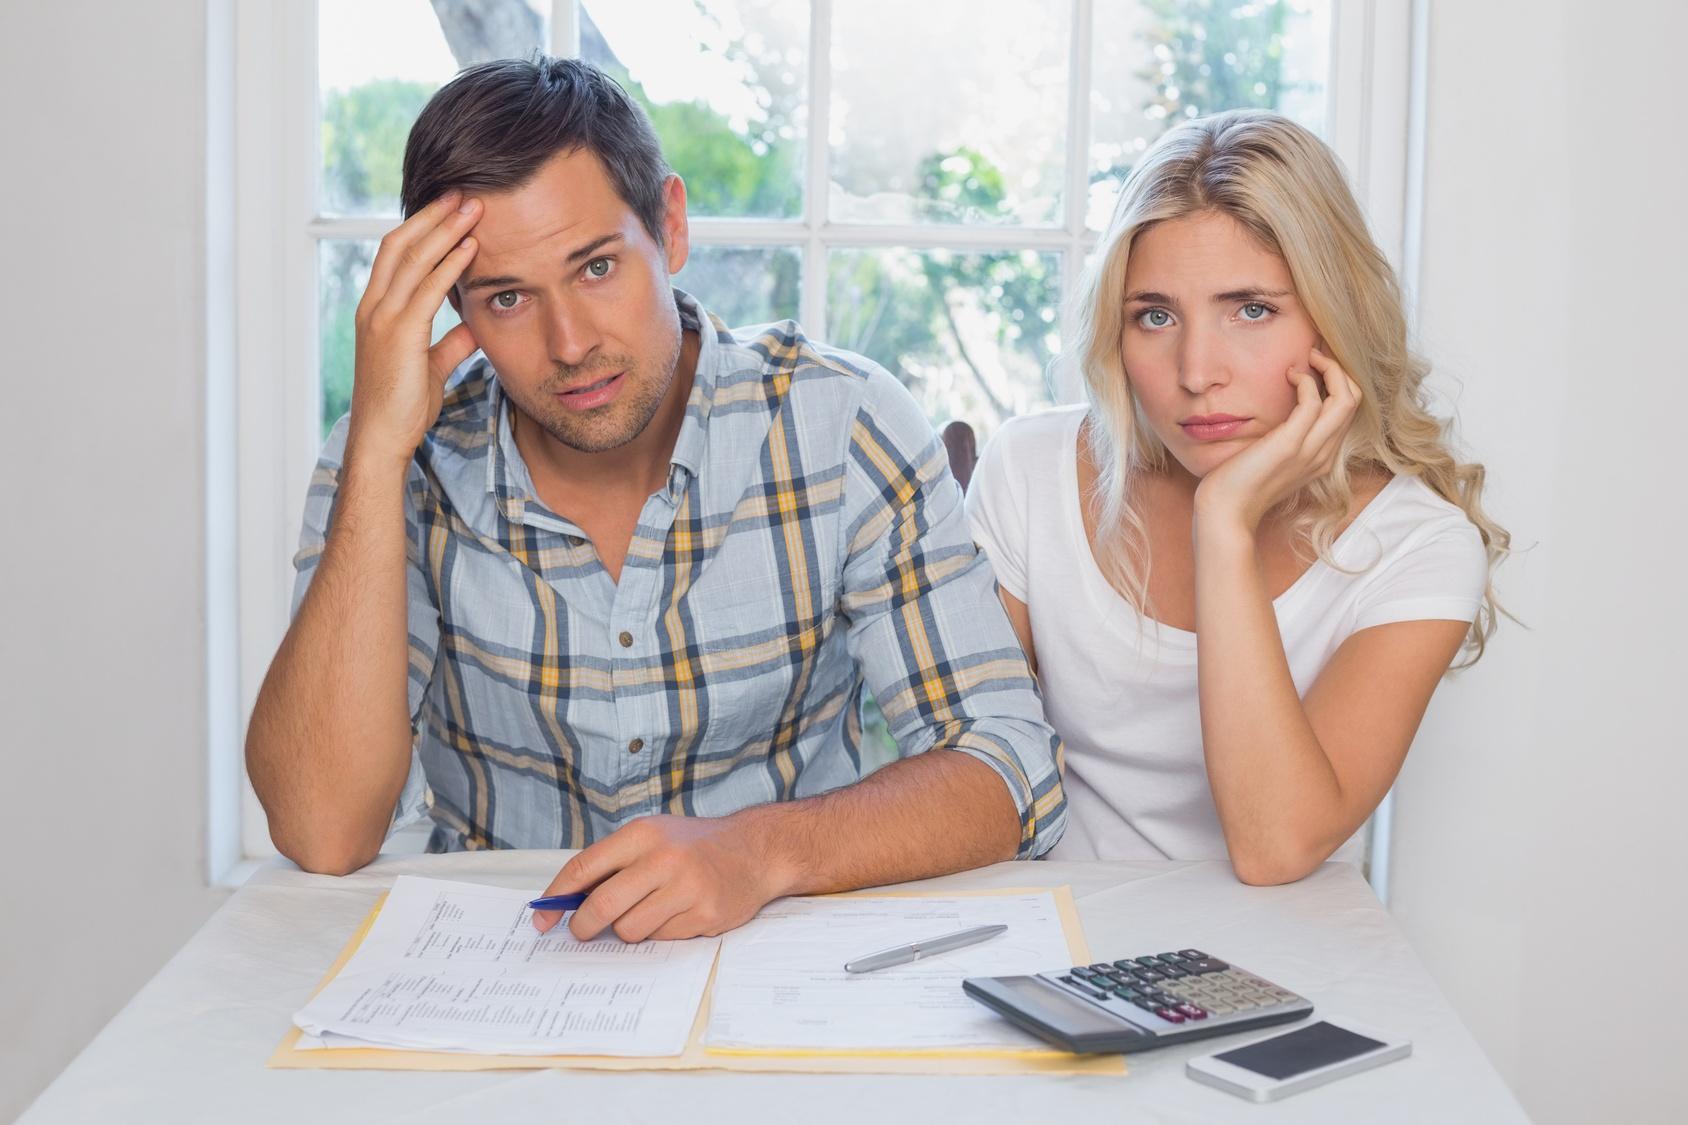 nhan thay luong - lương chồng có thể chuyển thẳng vào tài khoản vợ